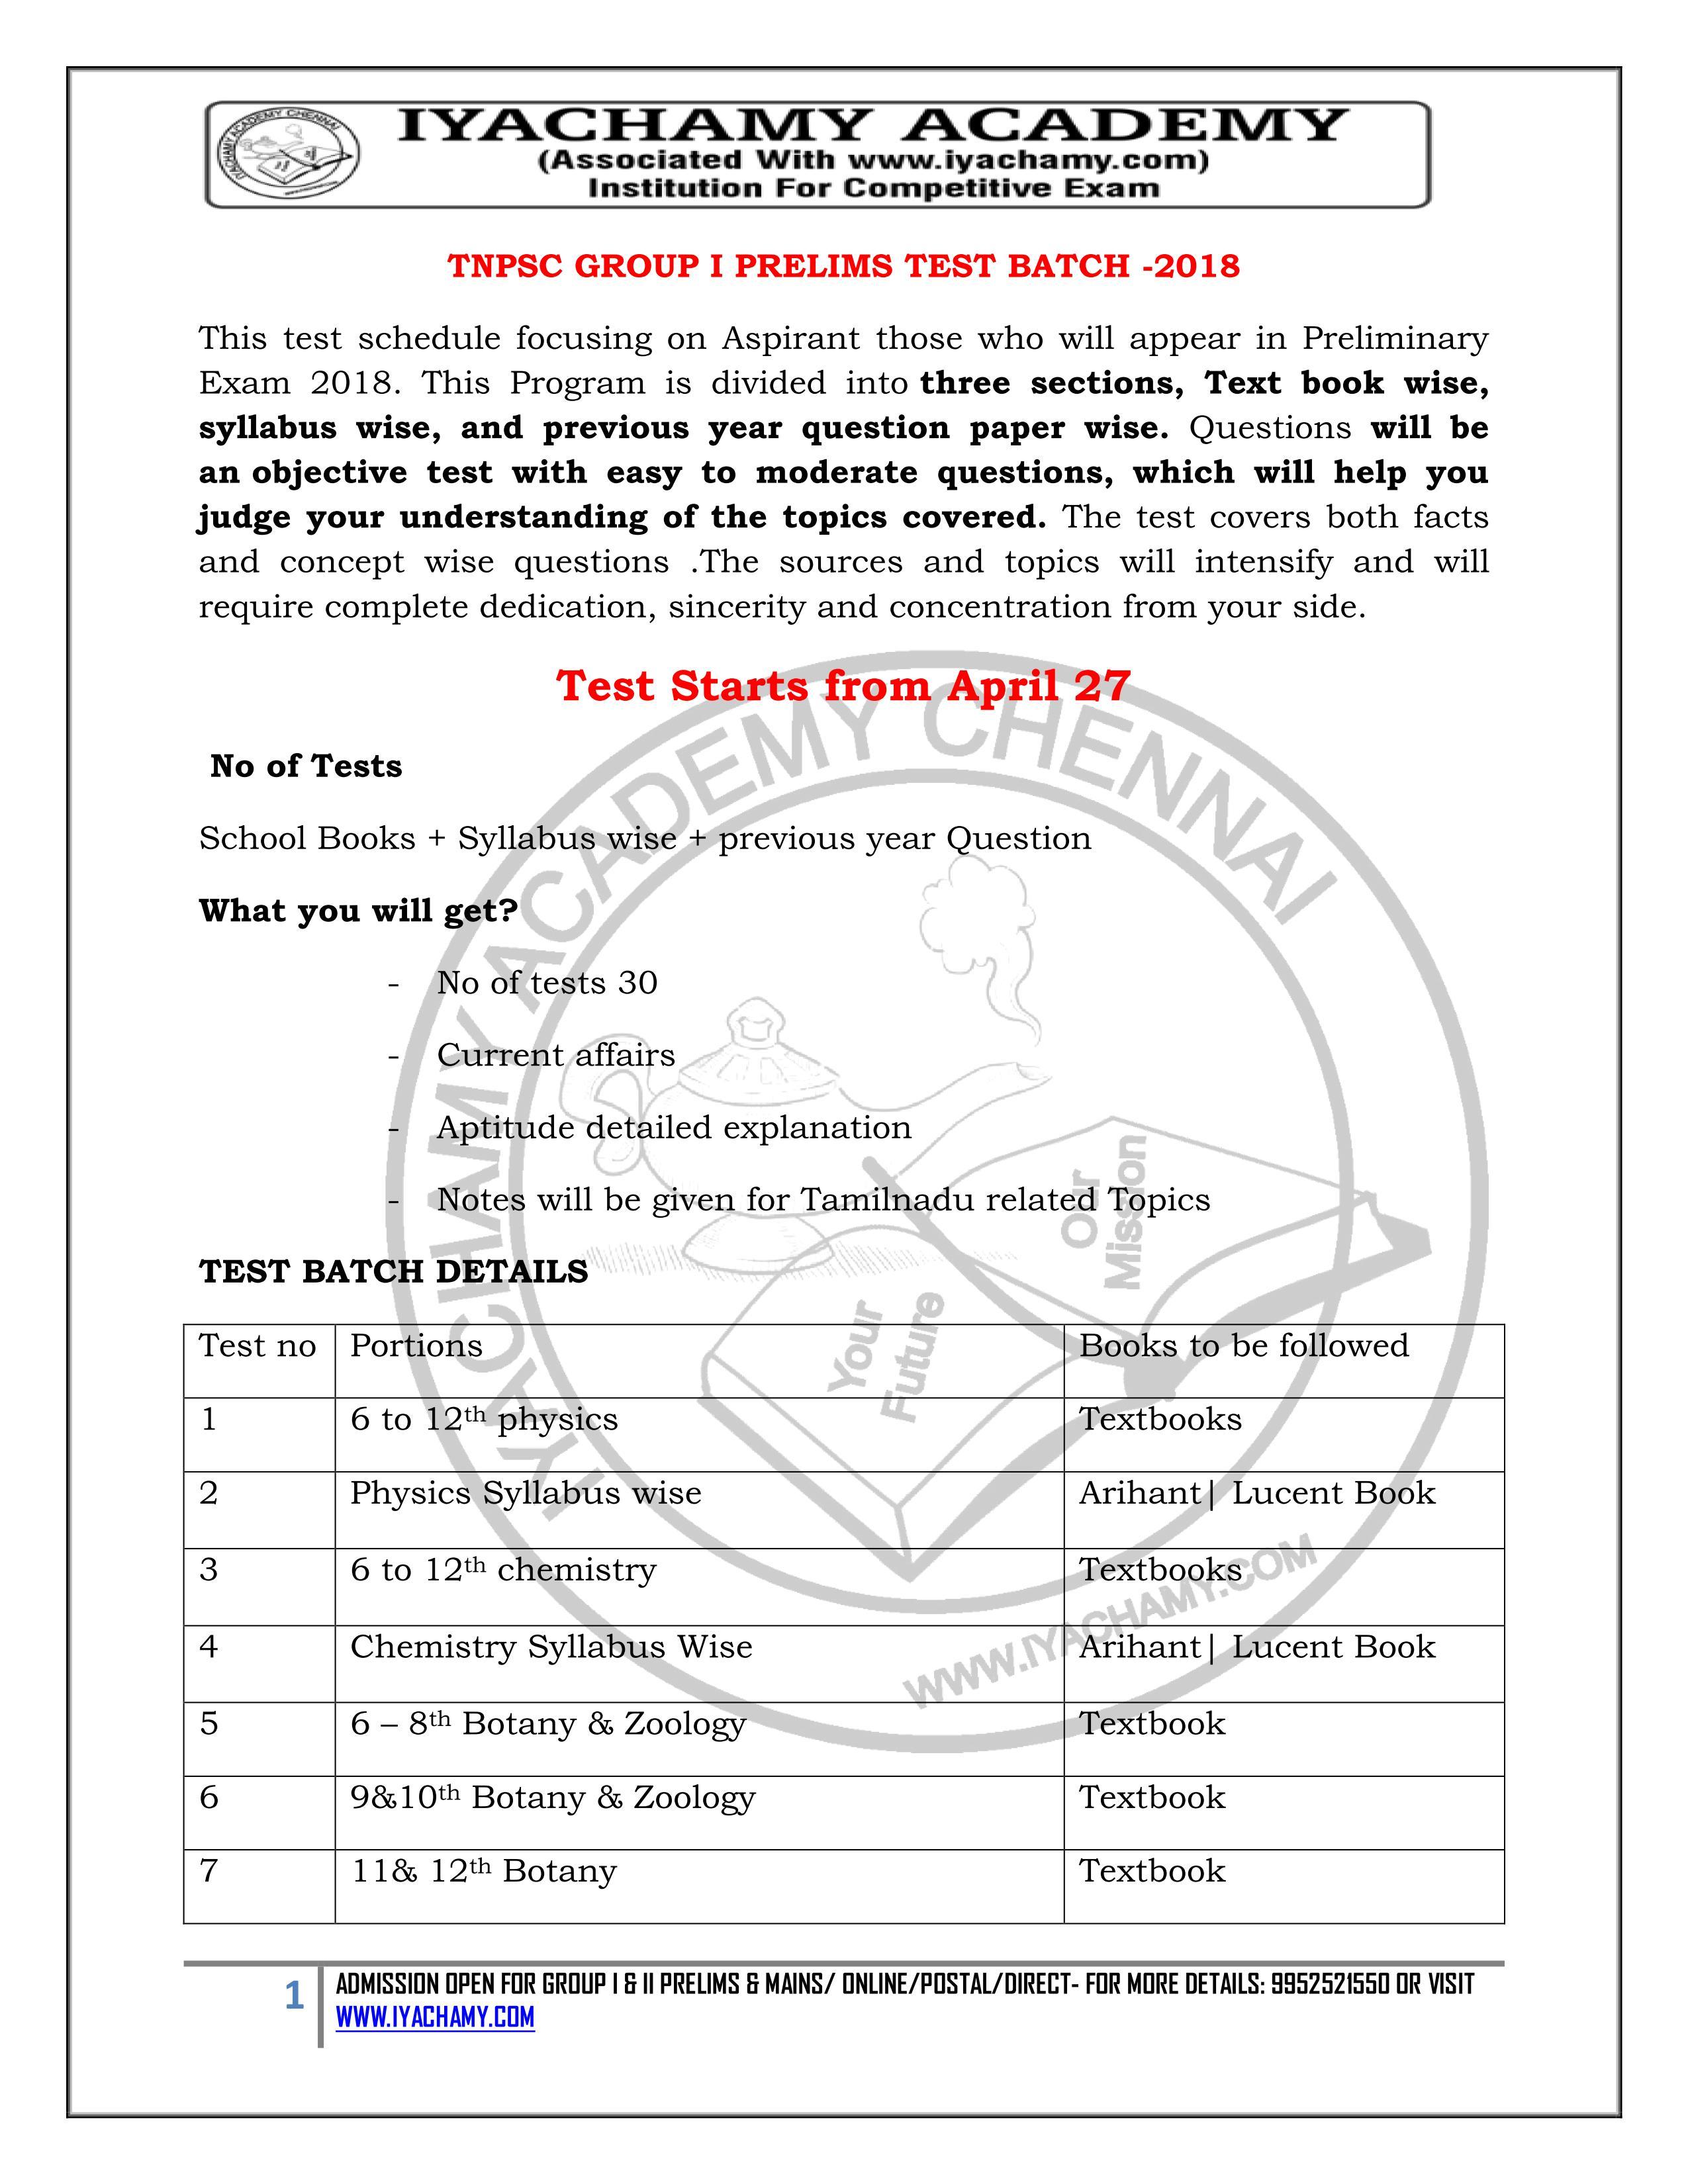 TNPSC GROUP I TEST BATCH 2018|IYACHAMY ACADEMY